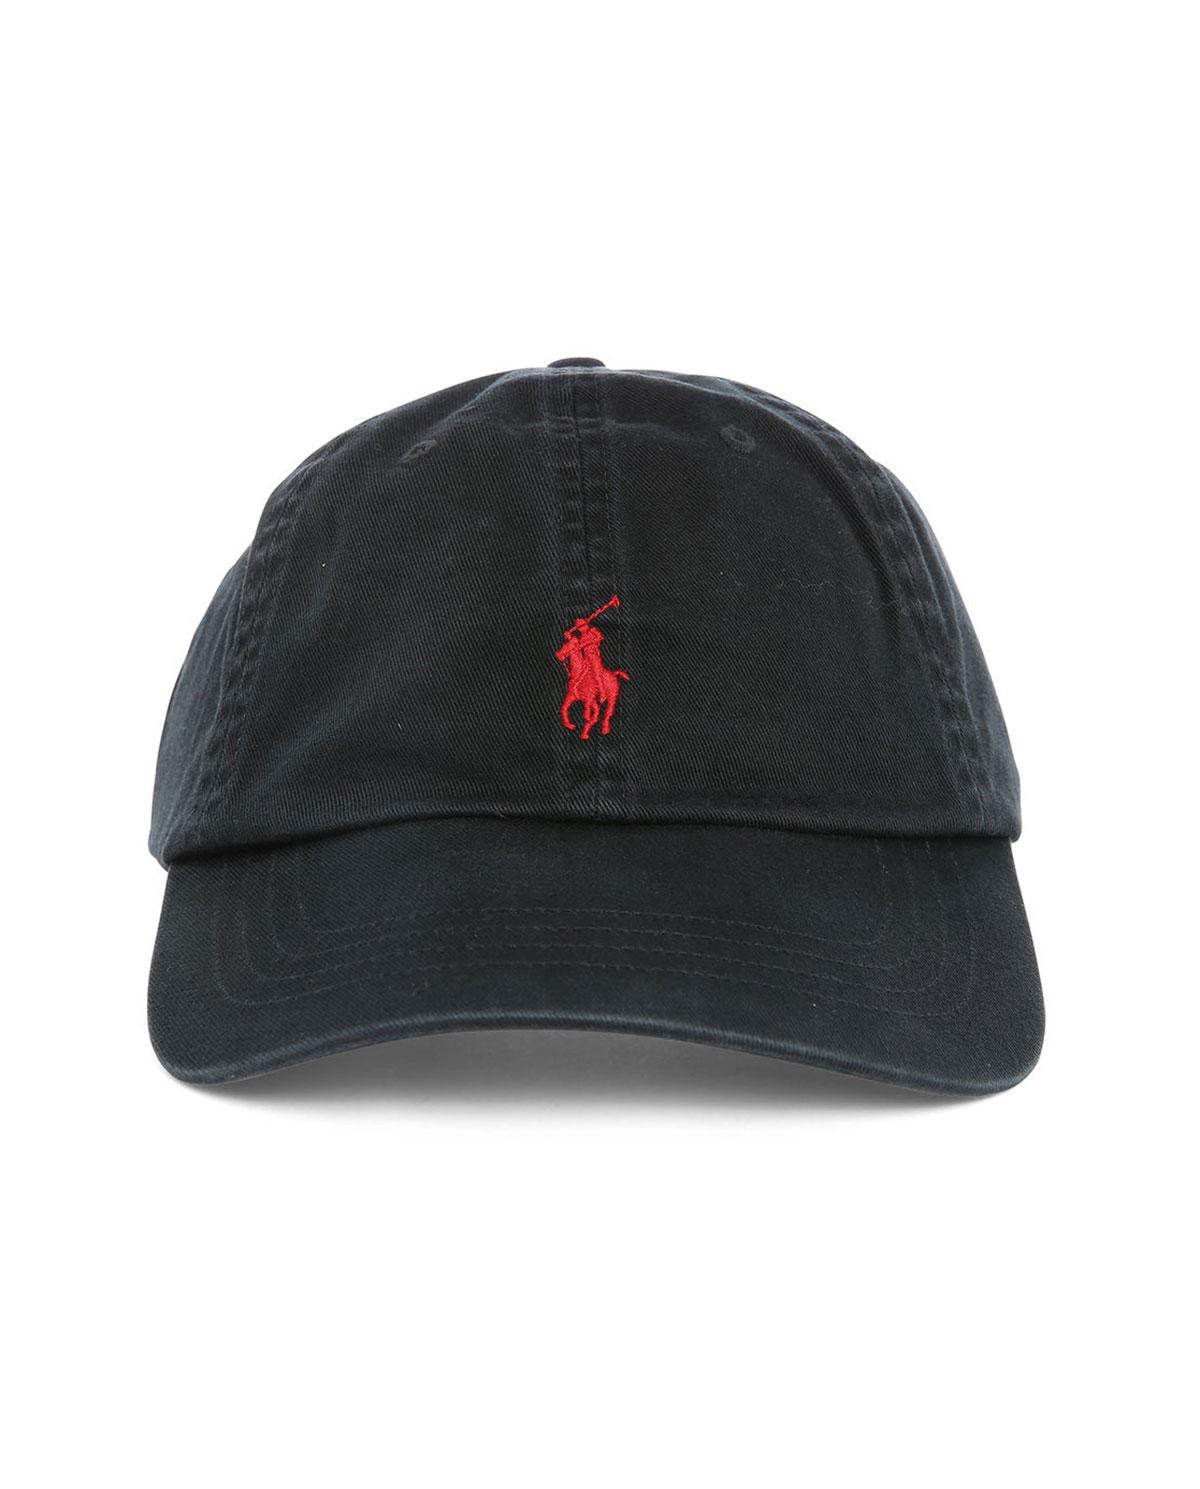 czapka z daszkiem ralph lauren kup teraz najlepsze ceny i opinie sklep. Black Bedroom Furniture Sets. Home Design Ideas